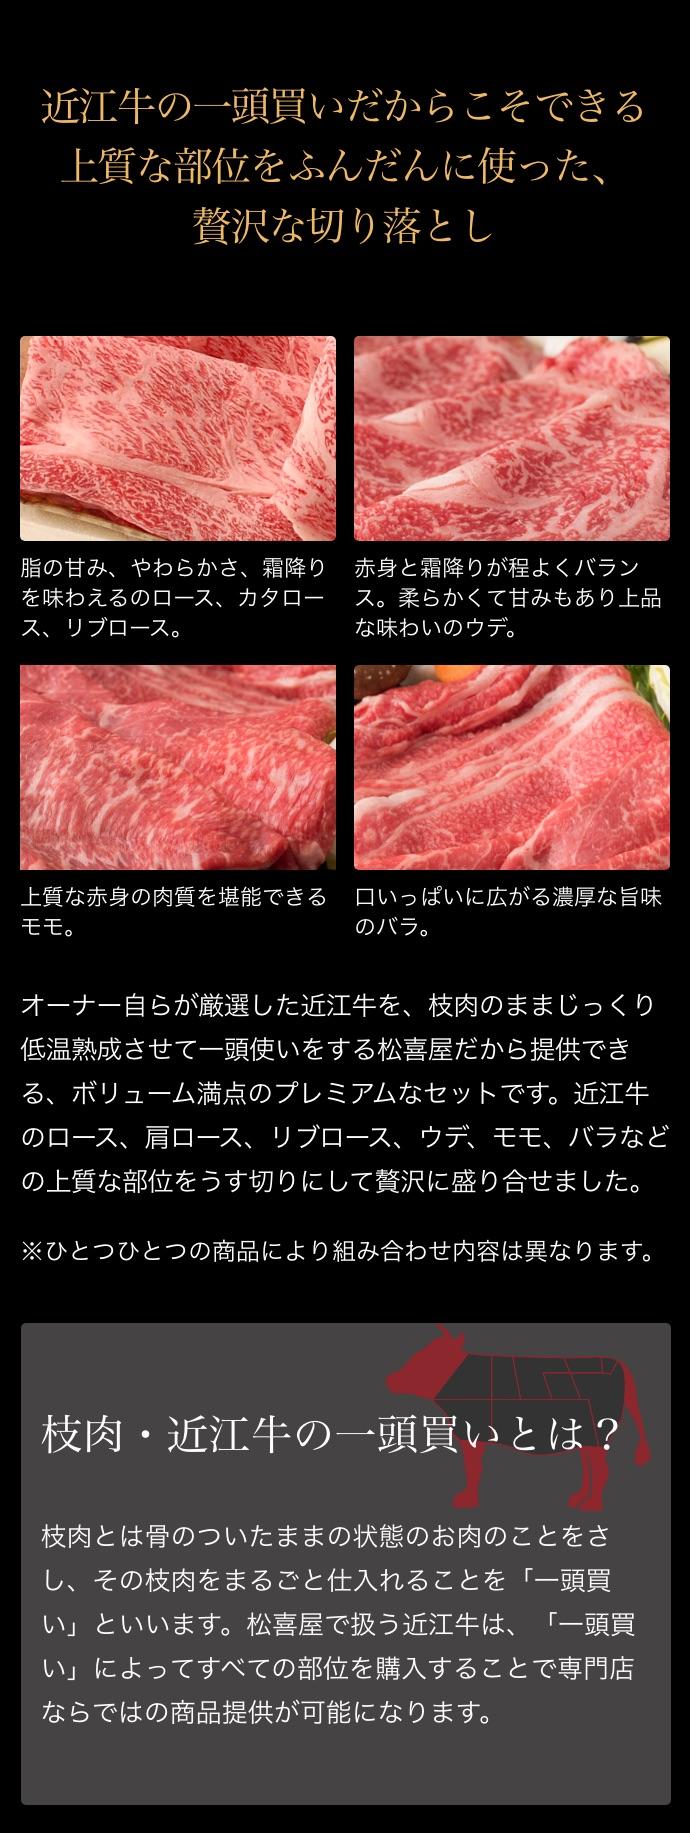 上質なお肉ですが、切り落としのため1kgでこの価格が実現!